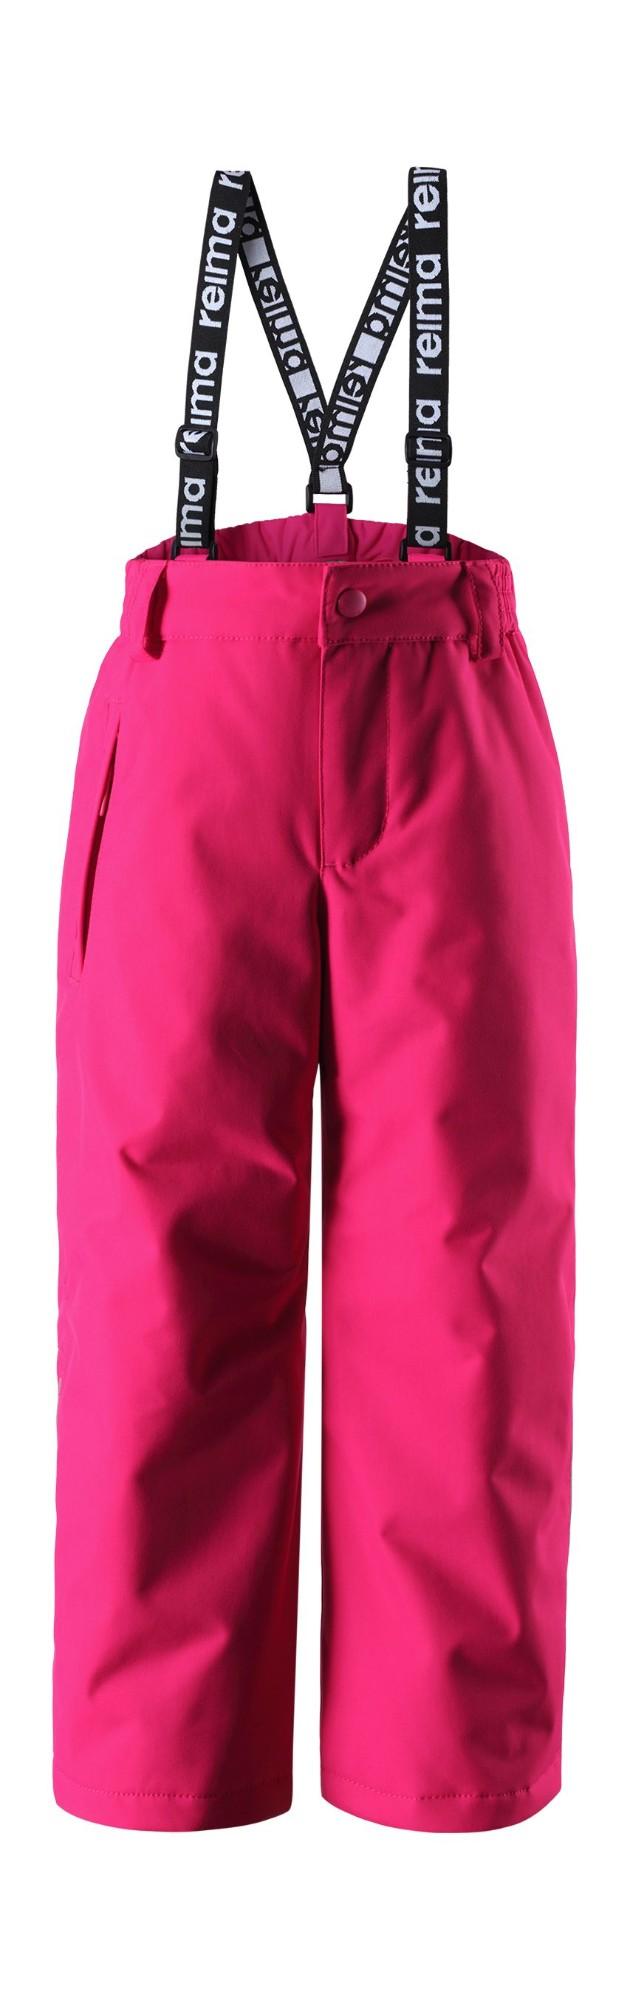 REIMA Loikka Raspberry Pink 98